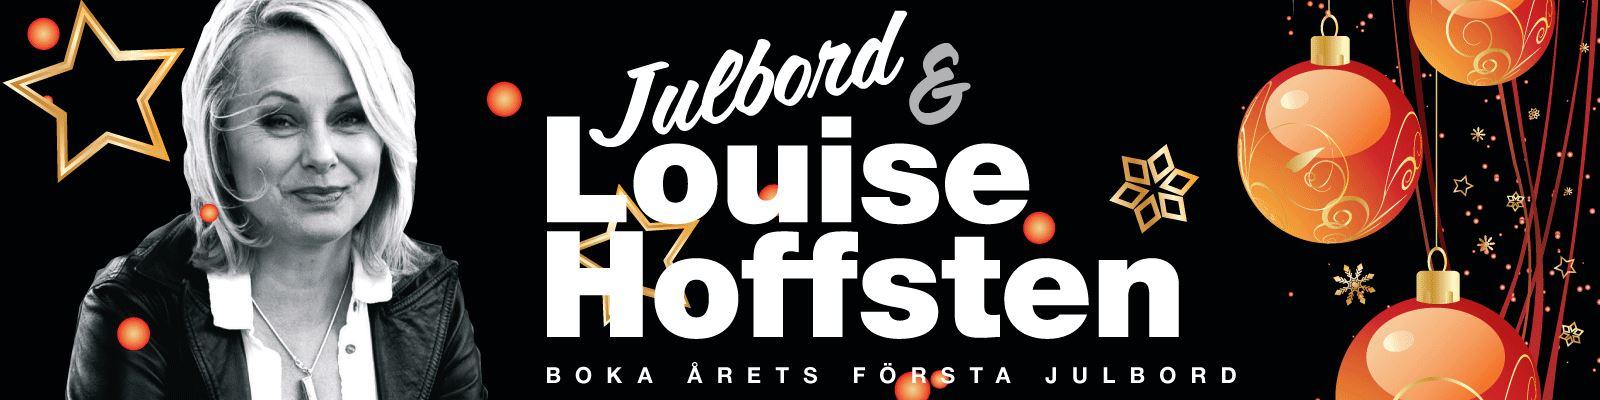 Julbord & Louise Hoffsten